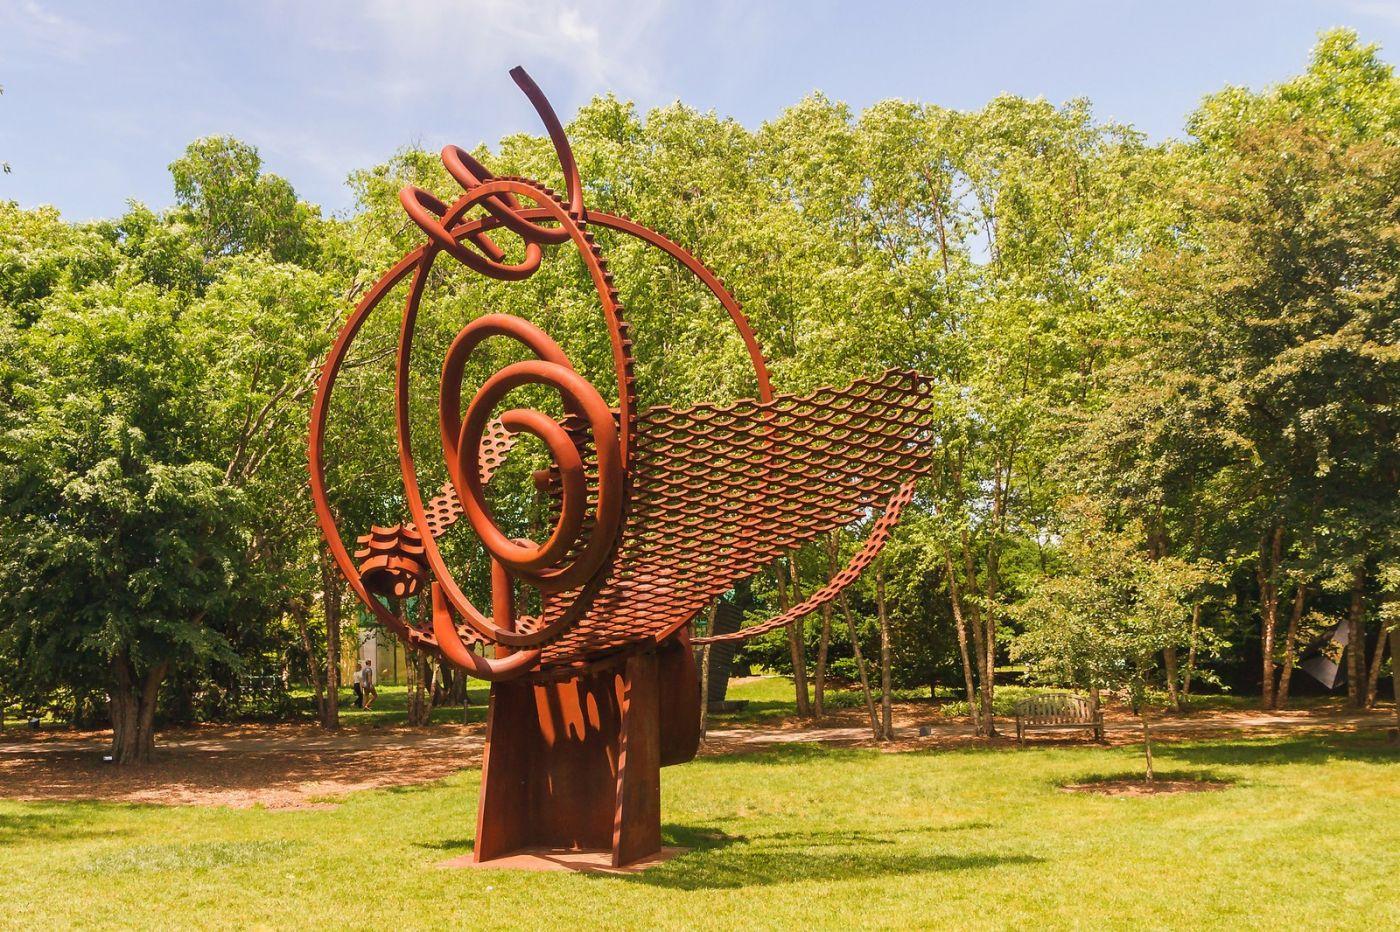 新澤西州雕塑公園(Grounds for scuplture),題材很廣_圖1-4